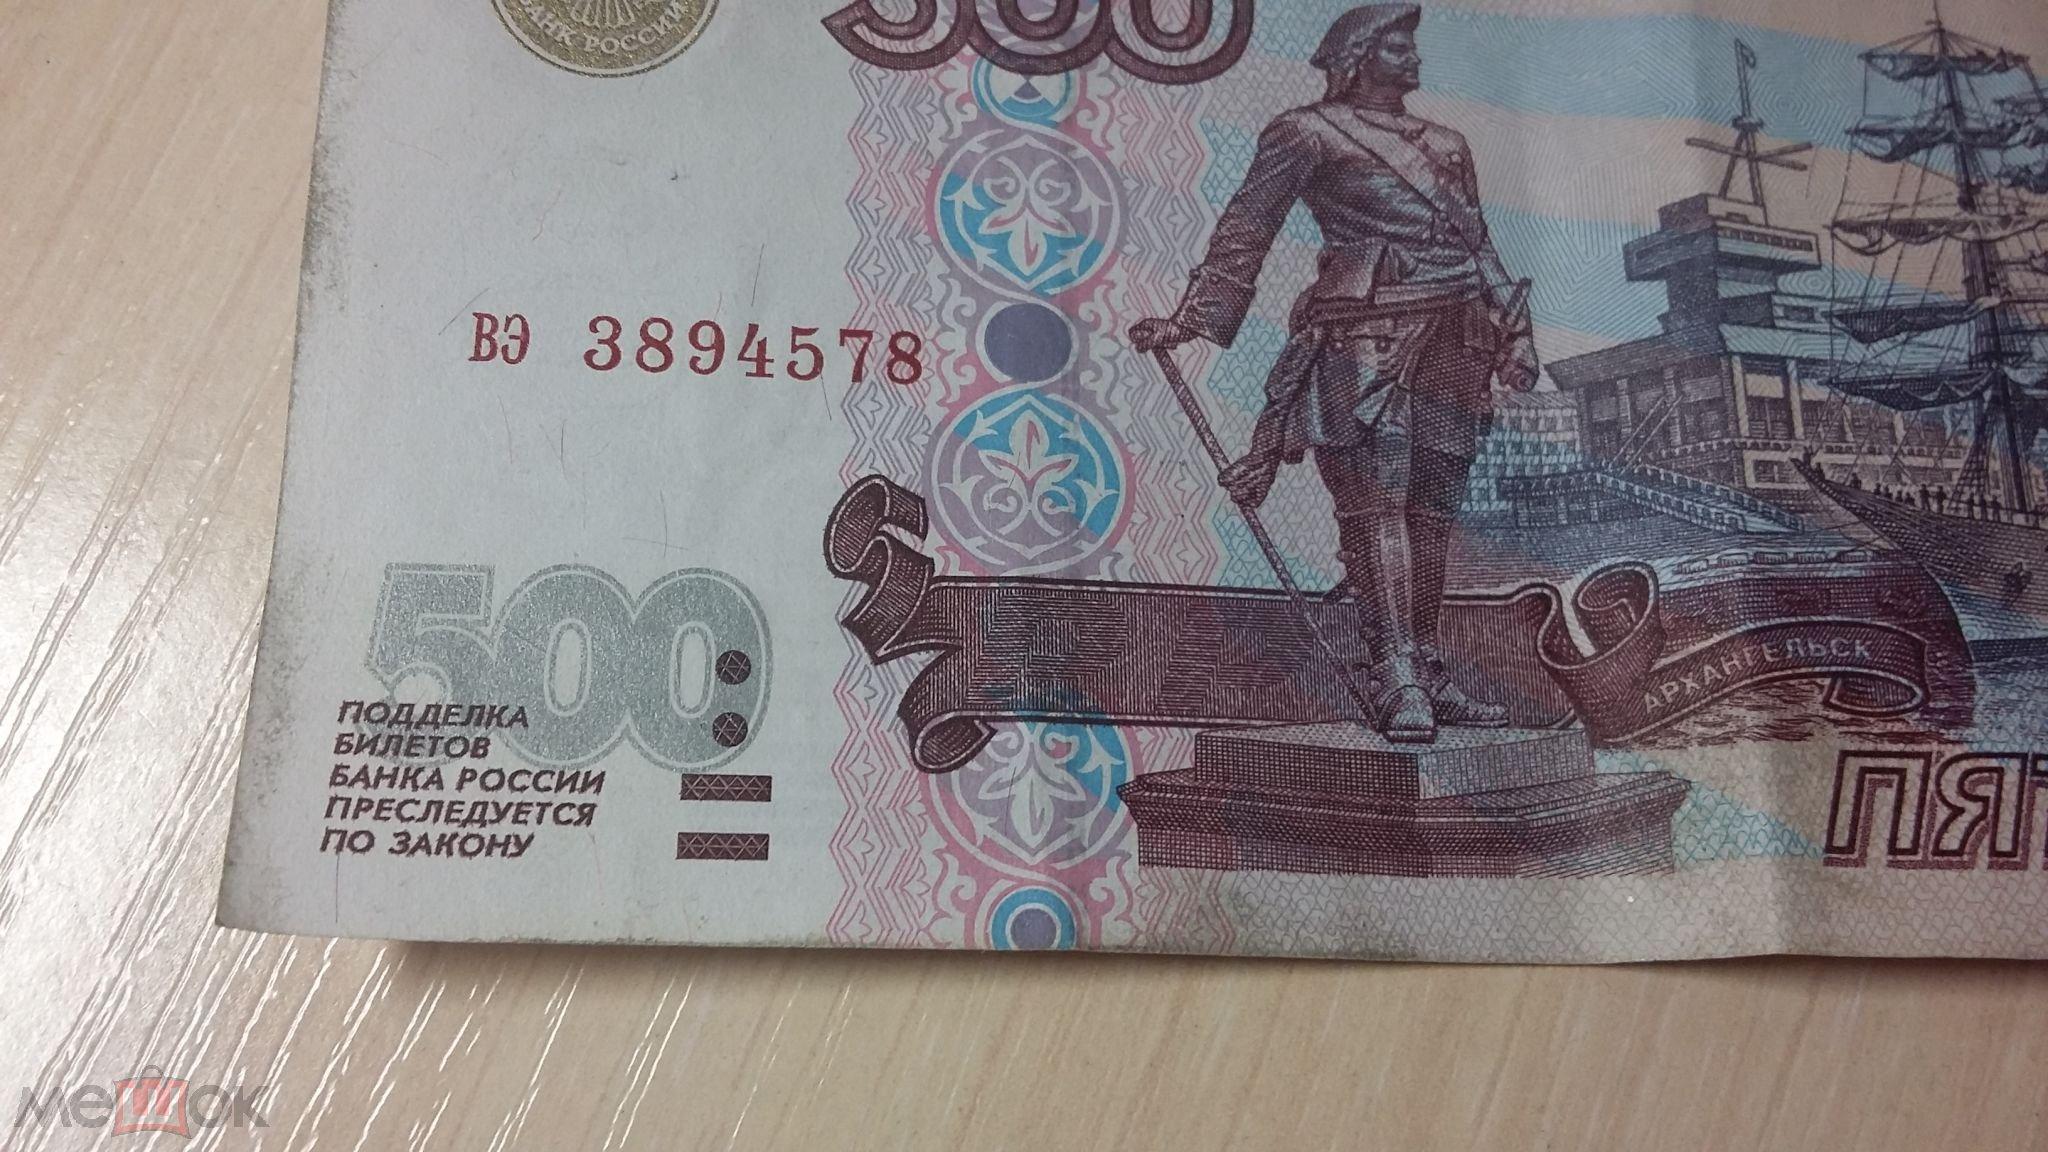 500 рублей в картинках, свои